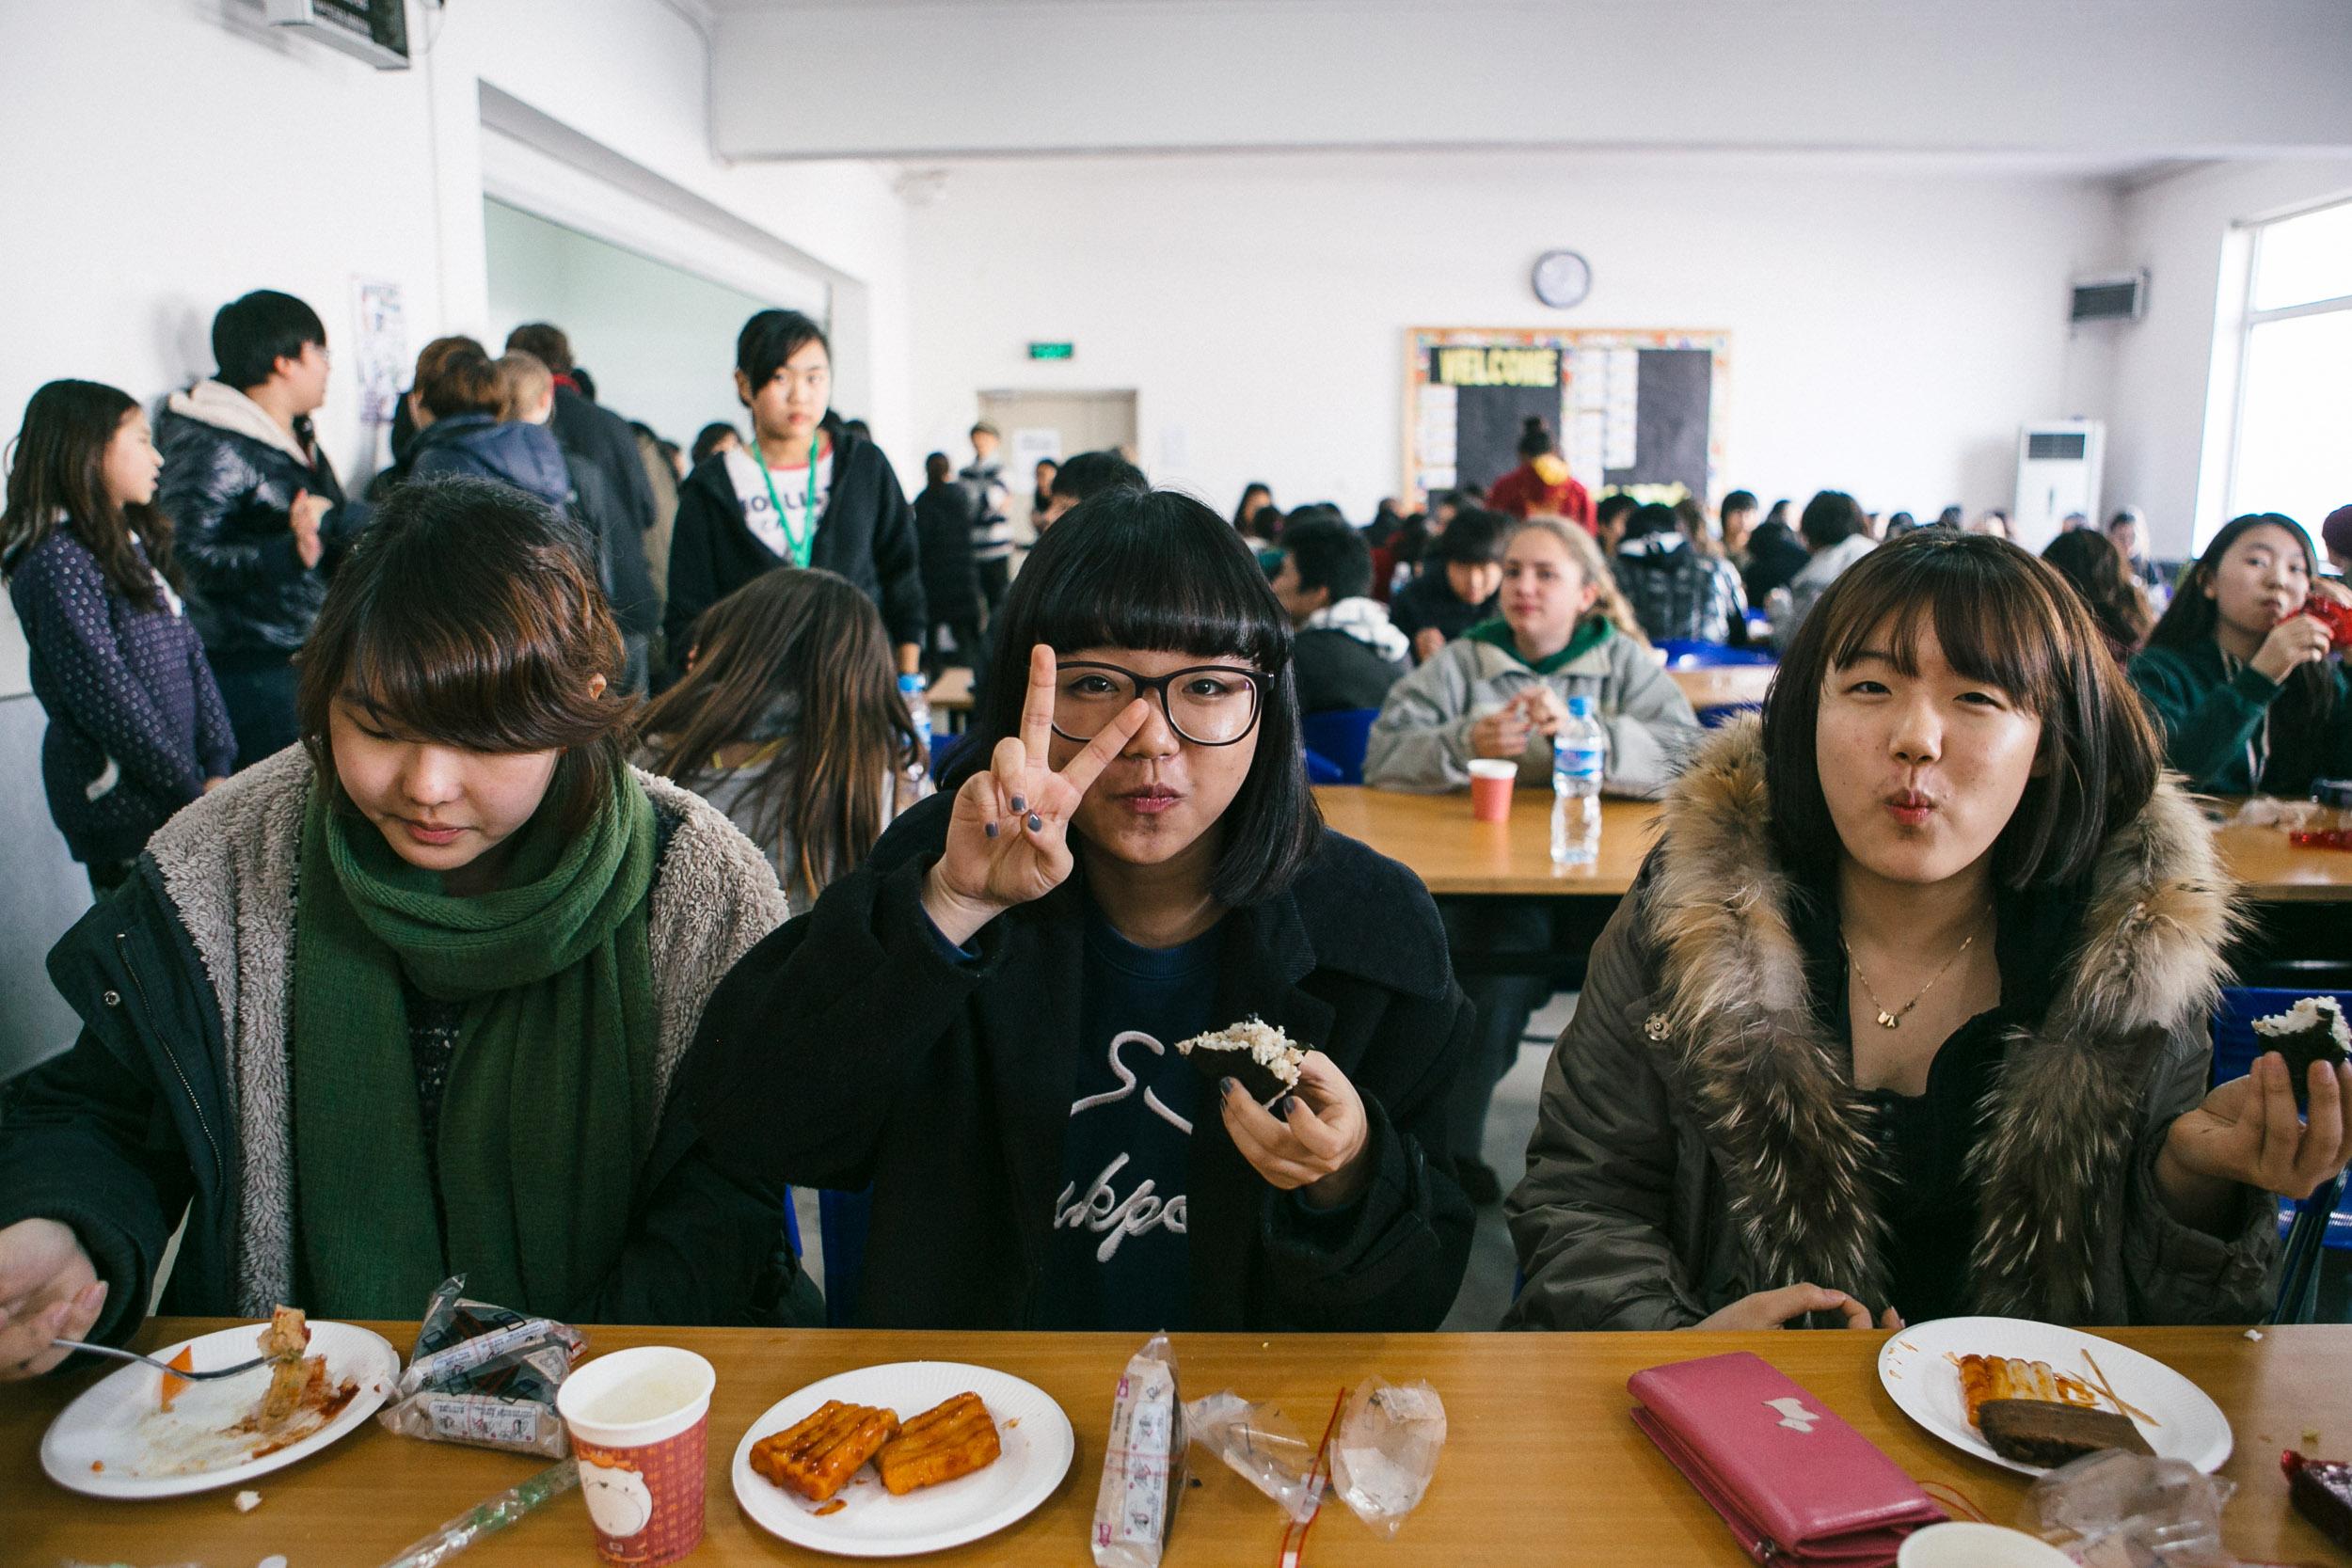 China_Schools_Ben_Rollins-6.jpg